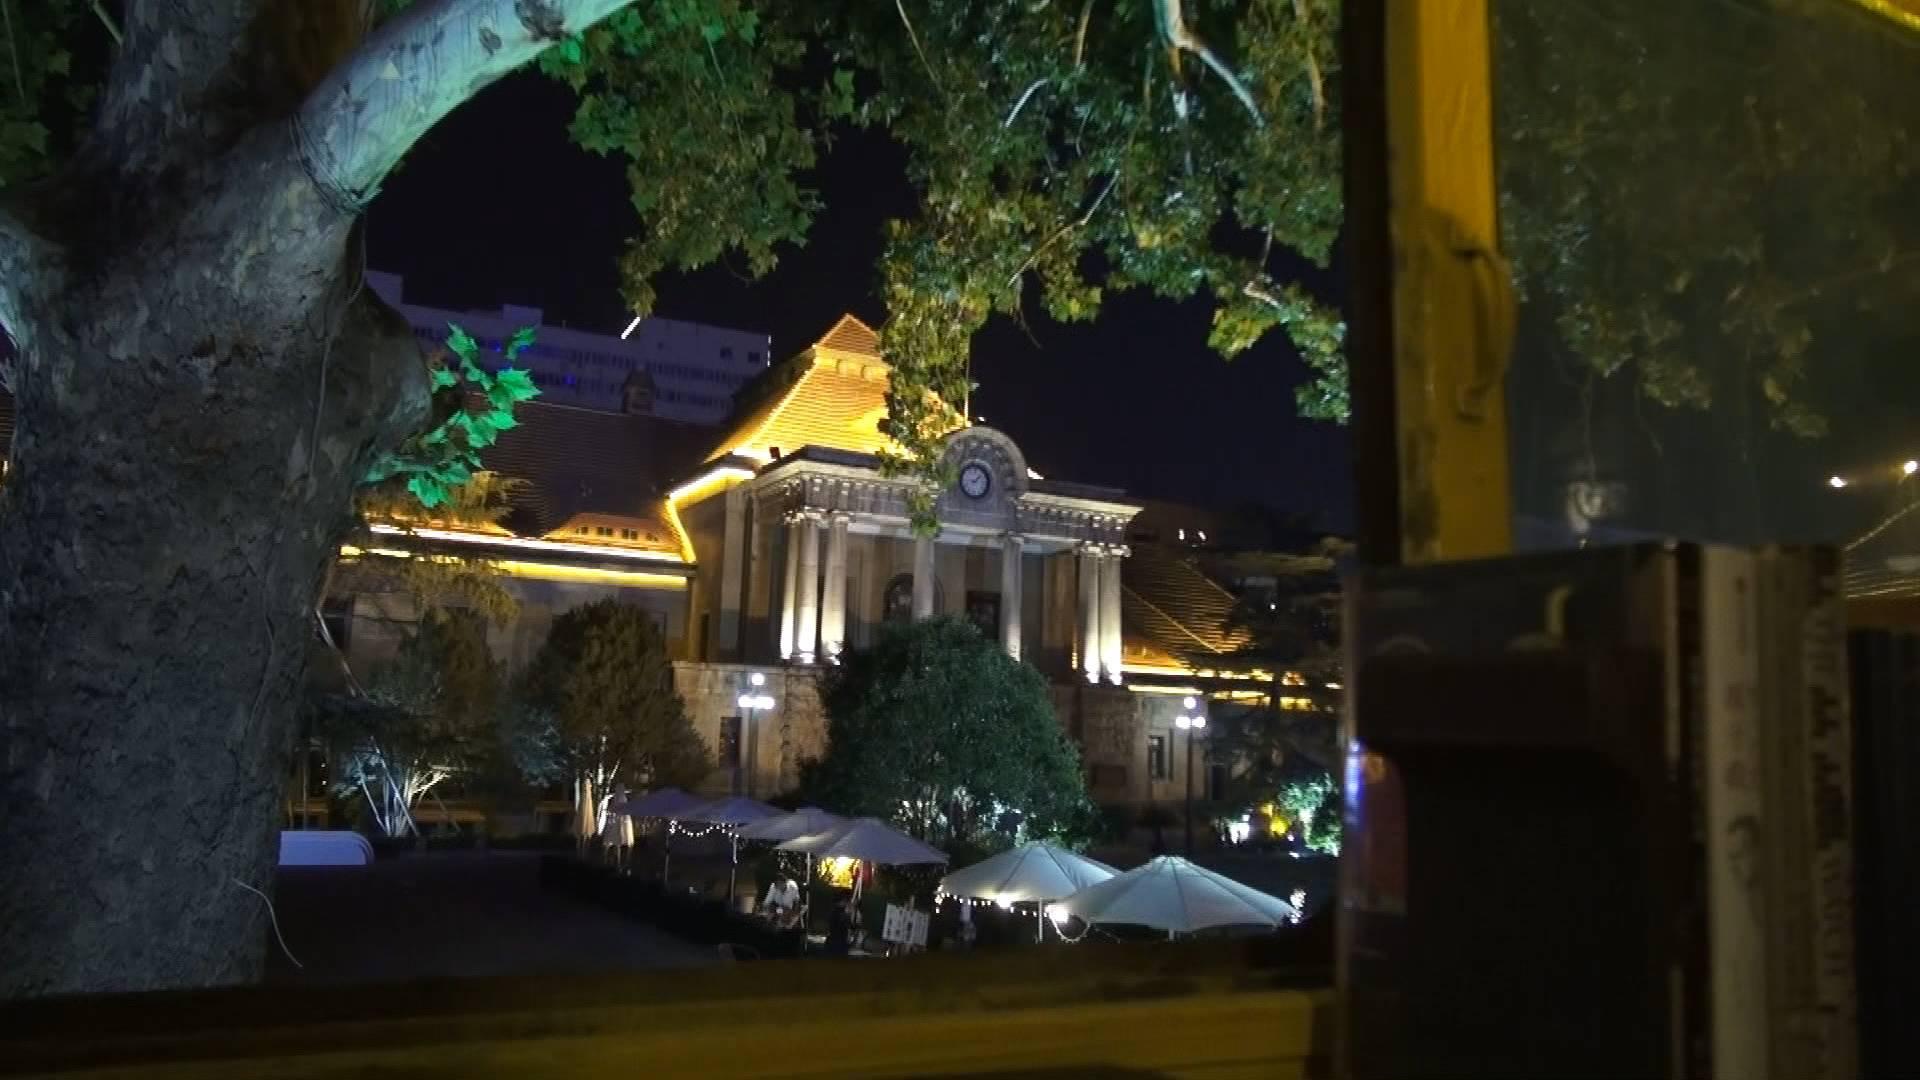 103秒丨在蒸汽火车头里看书,在博物馆里逛市集……济南站旁的这个地方有点意思